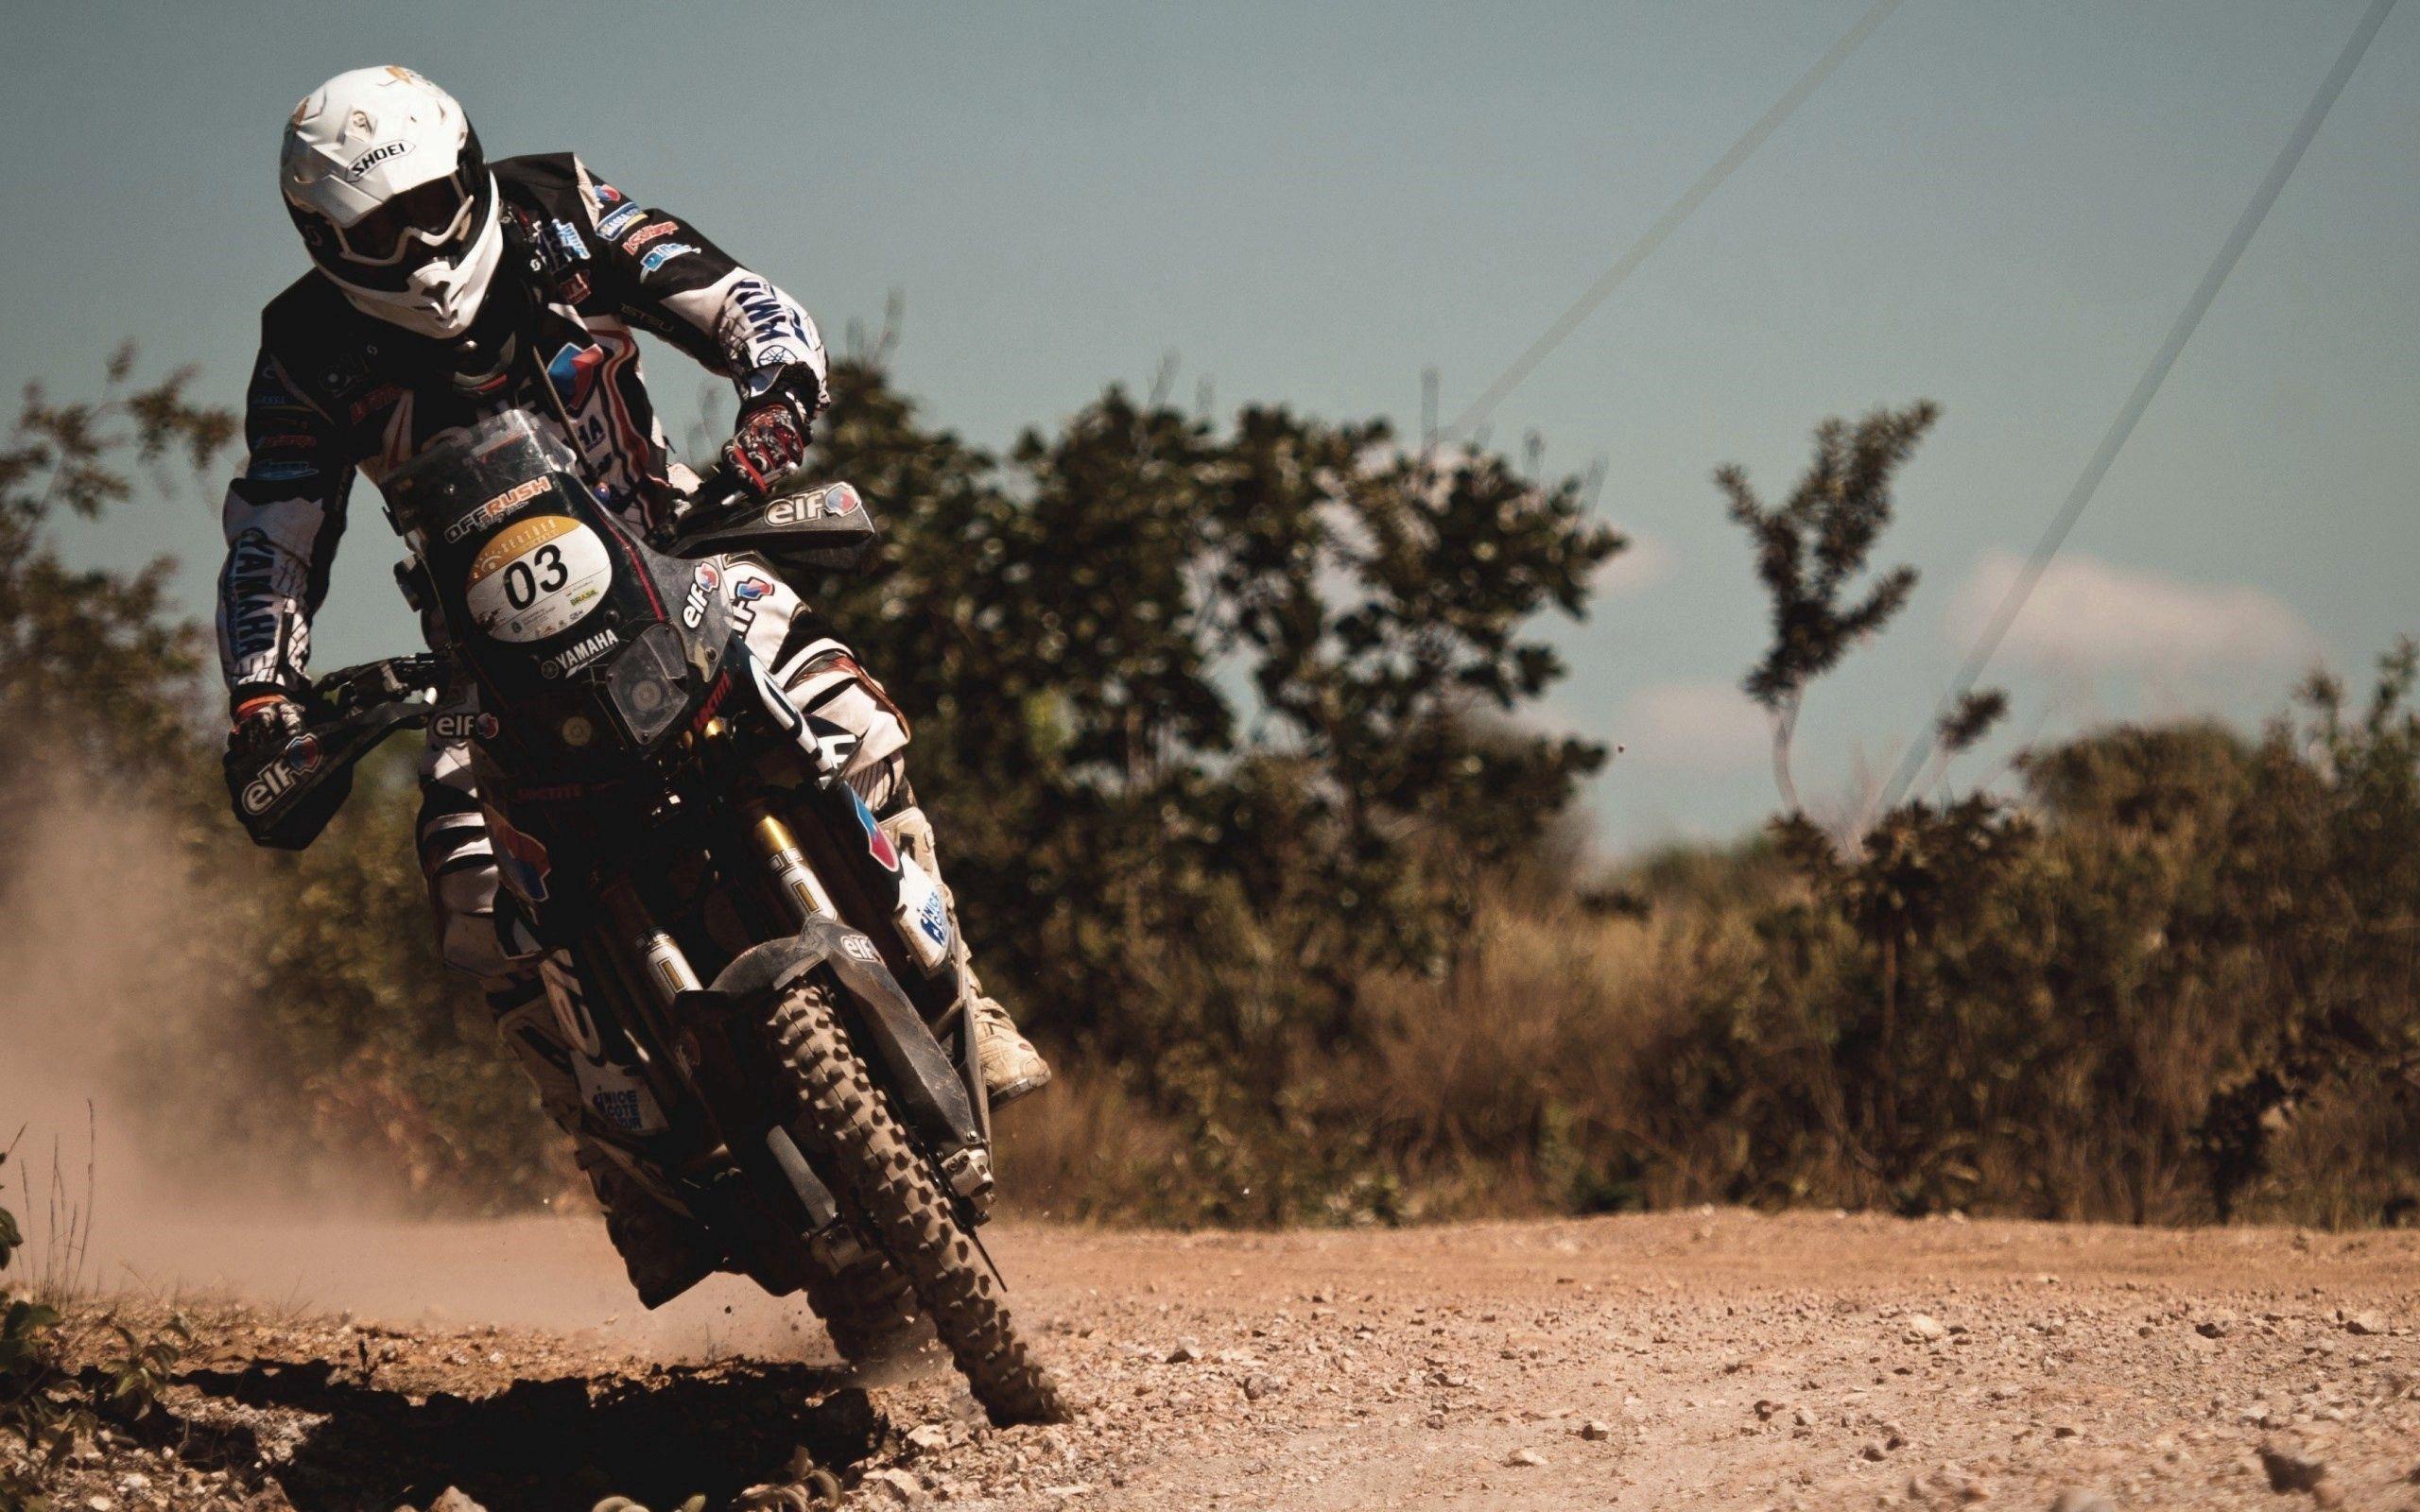 118458 скачать обои Мотоциклы, Мотоциклист, Движение, Трюк, Скорость - заставки и картинки бесплатно